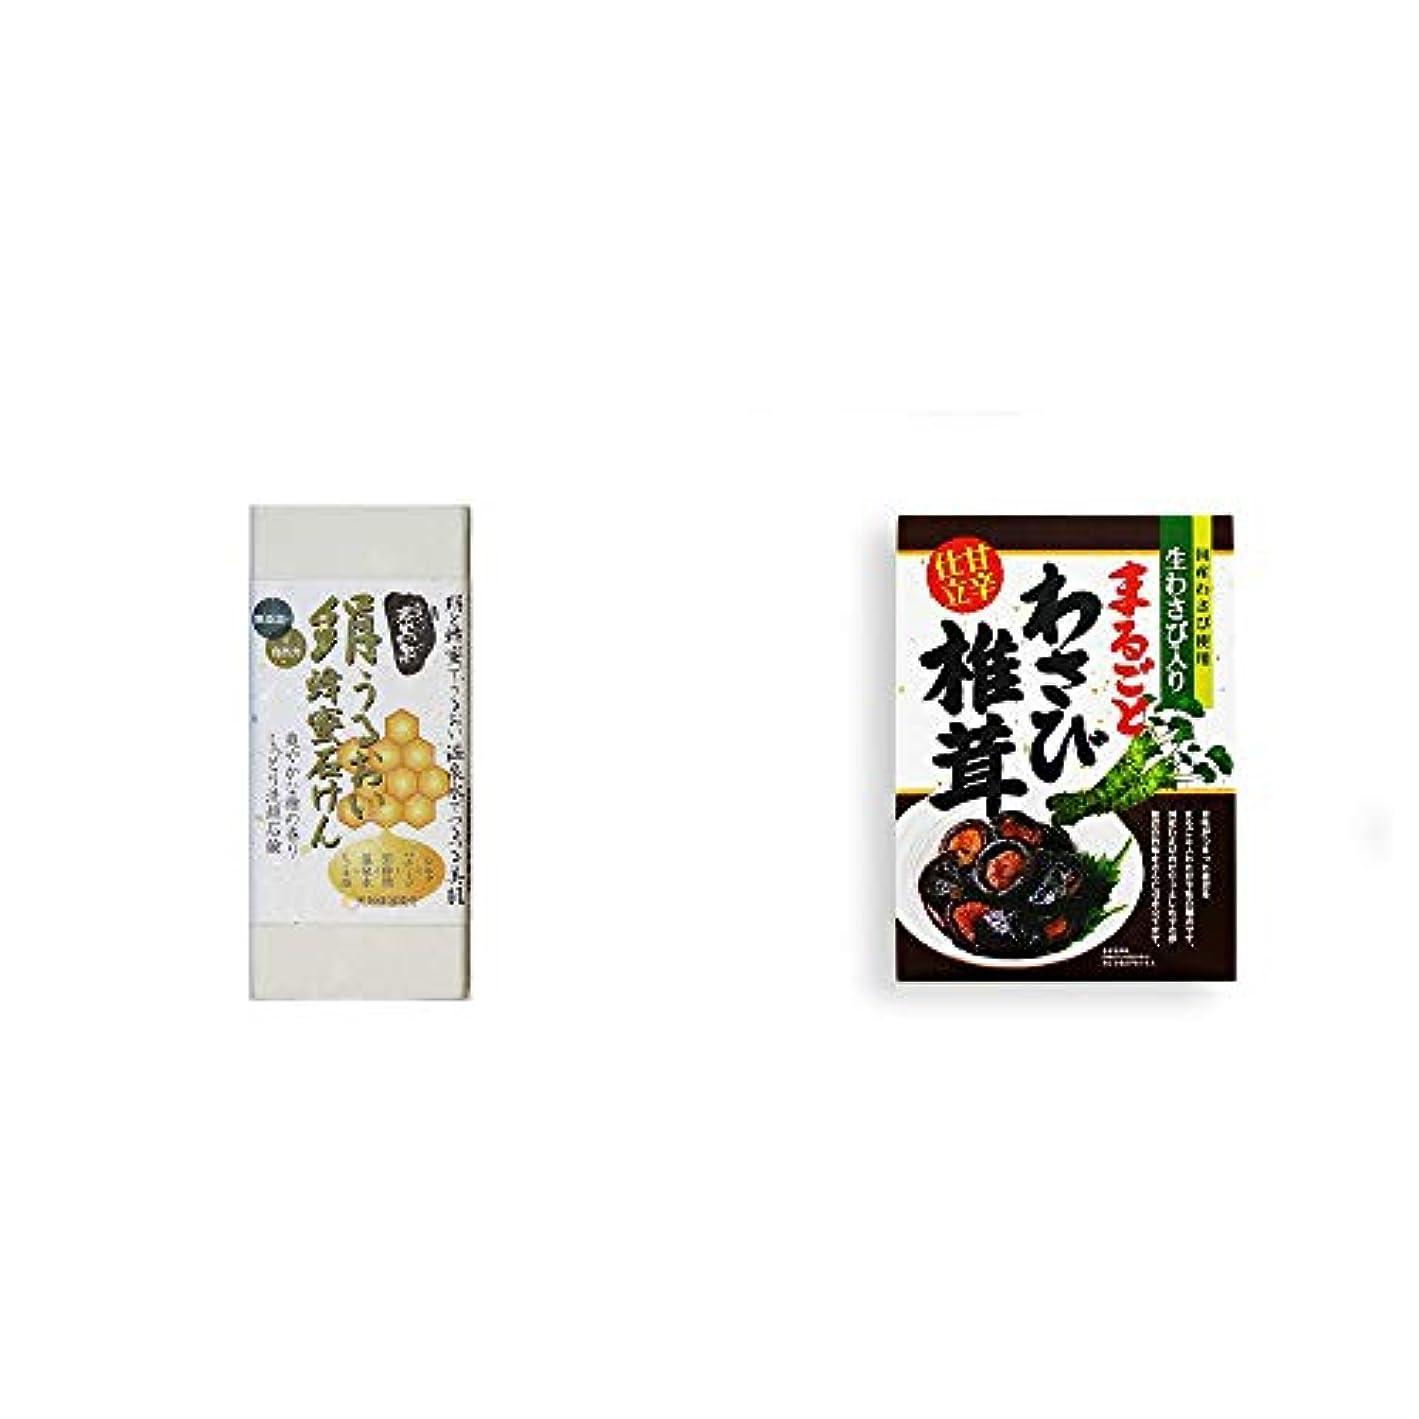 オープナー日記反応する[2点セット] ひのき炭黒泉 絹うるおい蜂蜜石けん(75g×2)?まるごとわさび椎茸(200g)